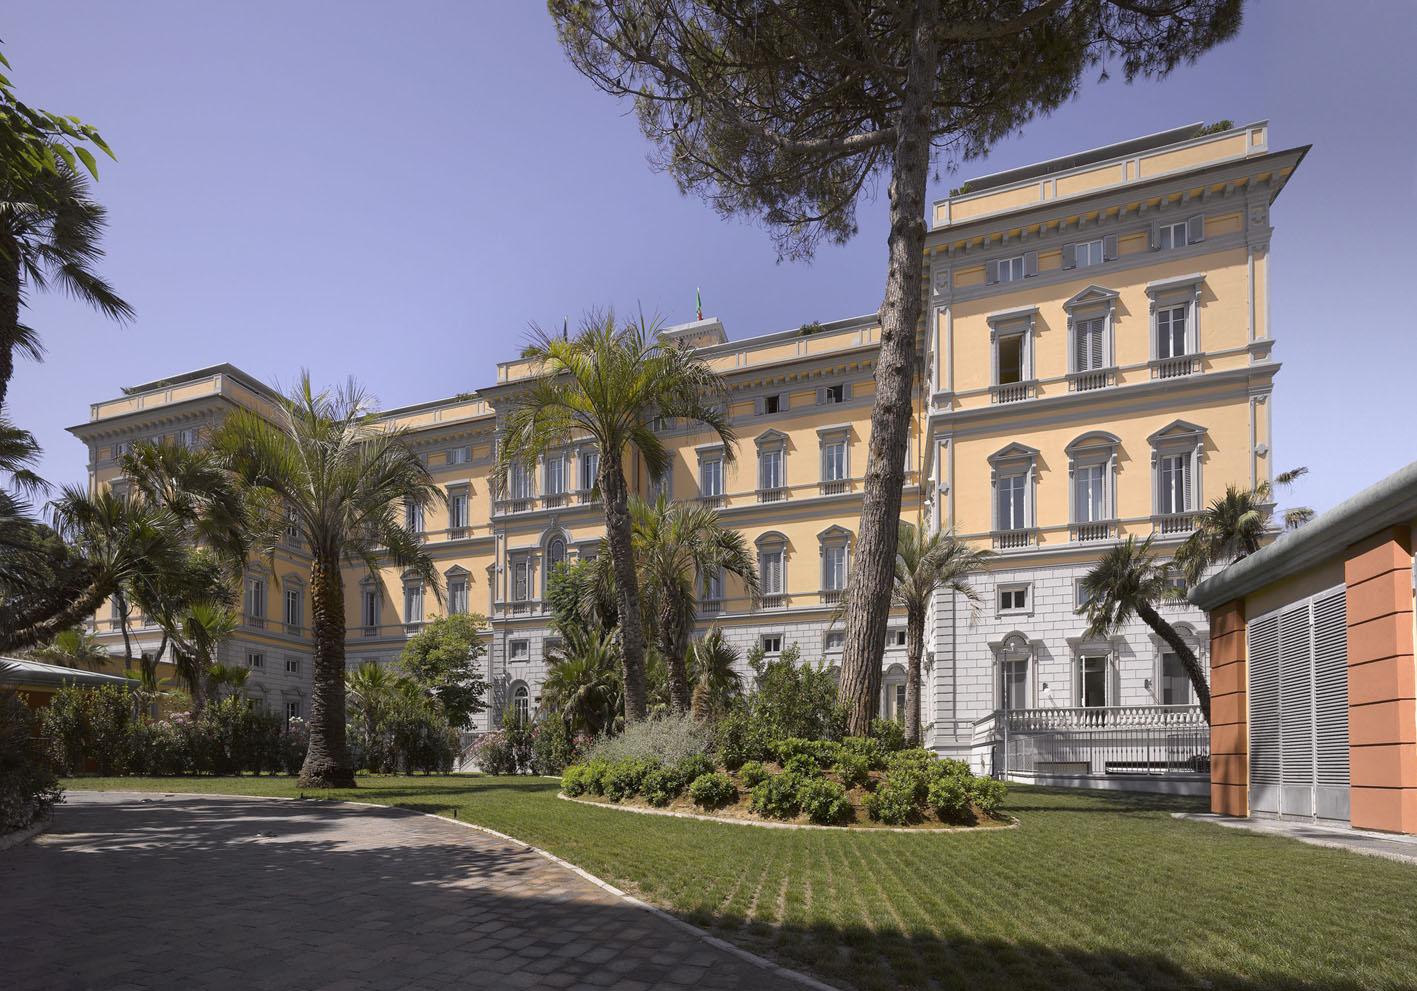 Hotel Con Spa Livorno